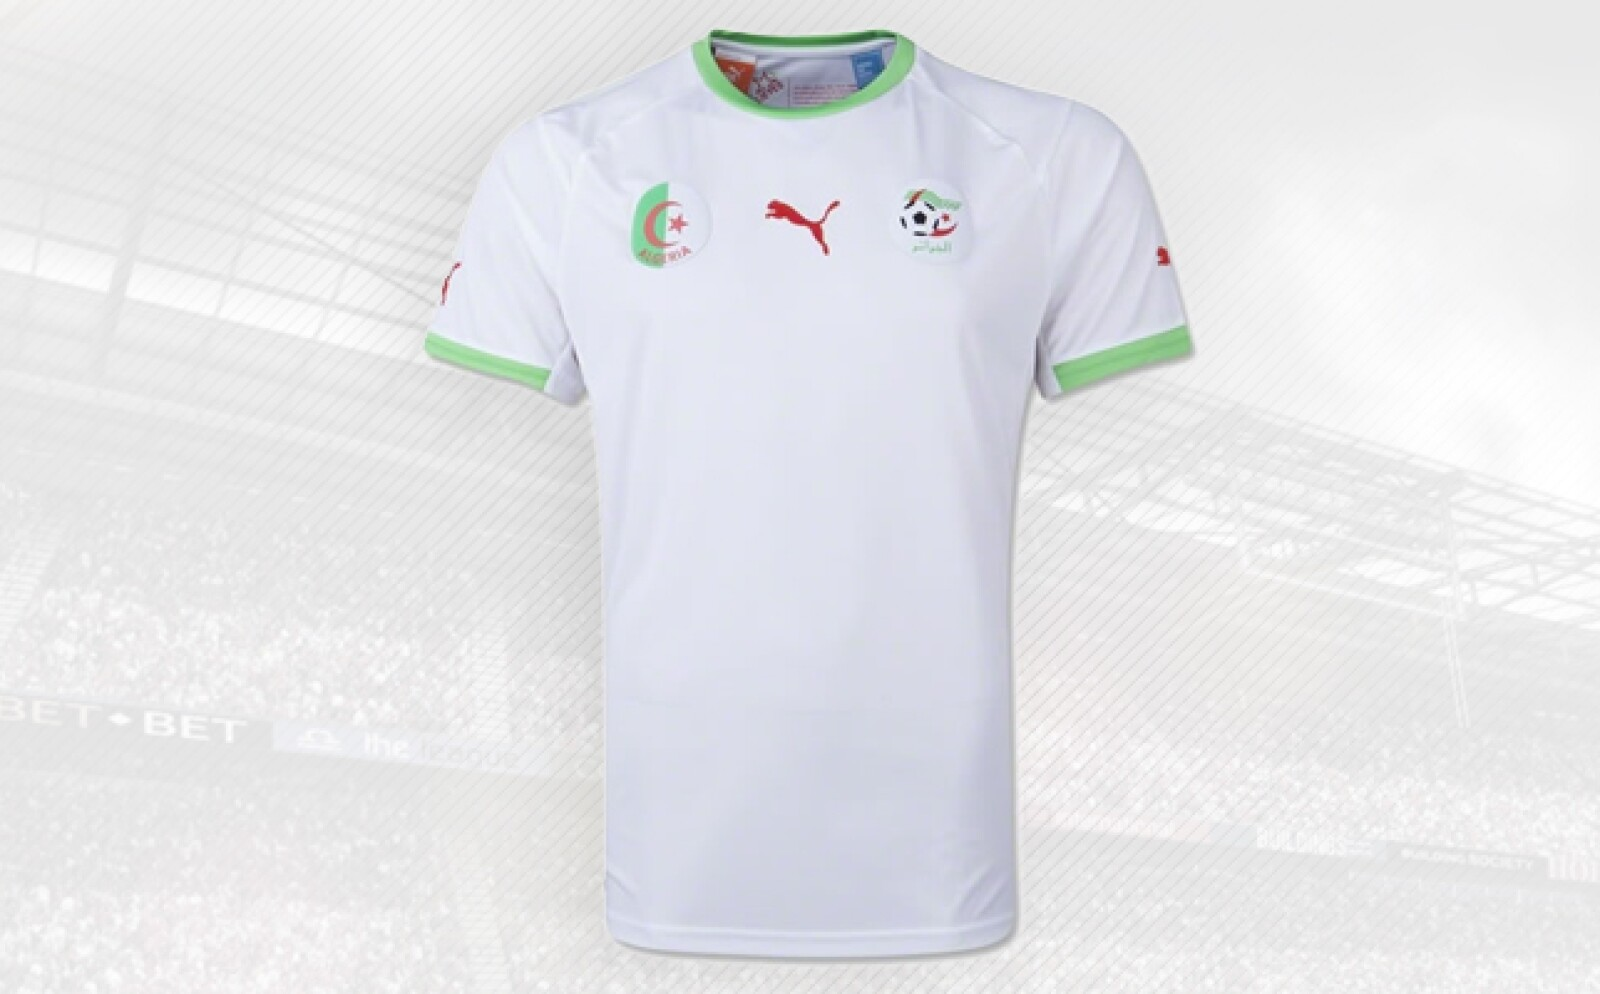 Los africanos usan la playera de Puma, firma que recuperó en las playeras mundialistas las pérdidas generadas por efectos cambiarios en 2013.